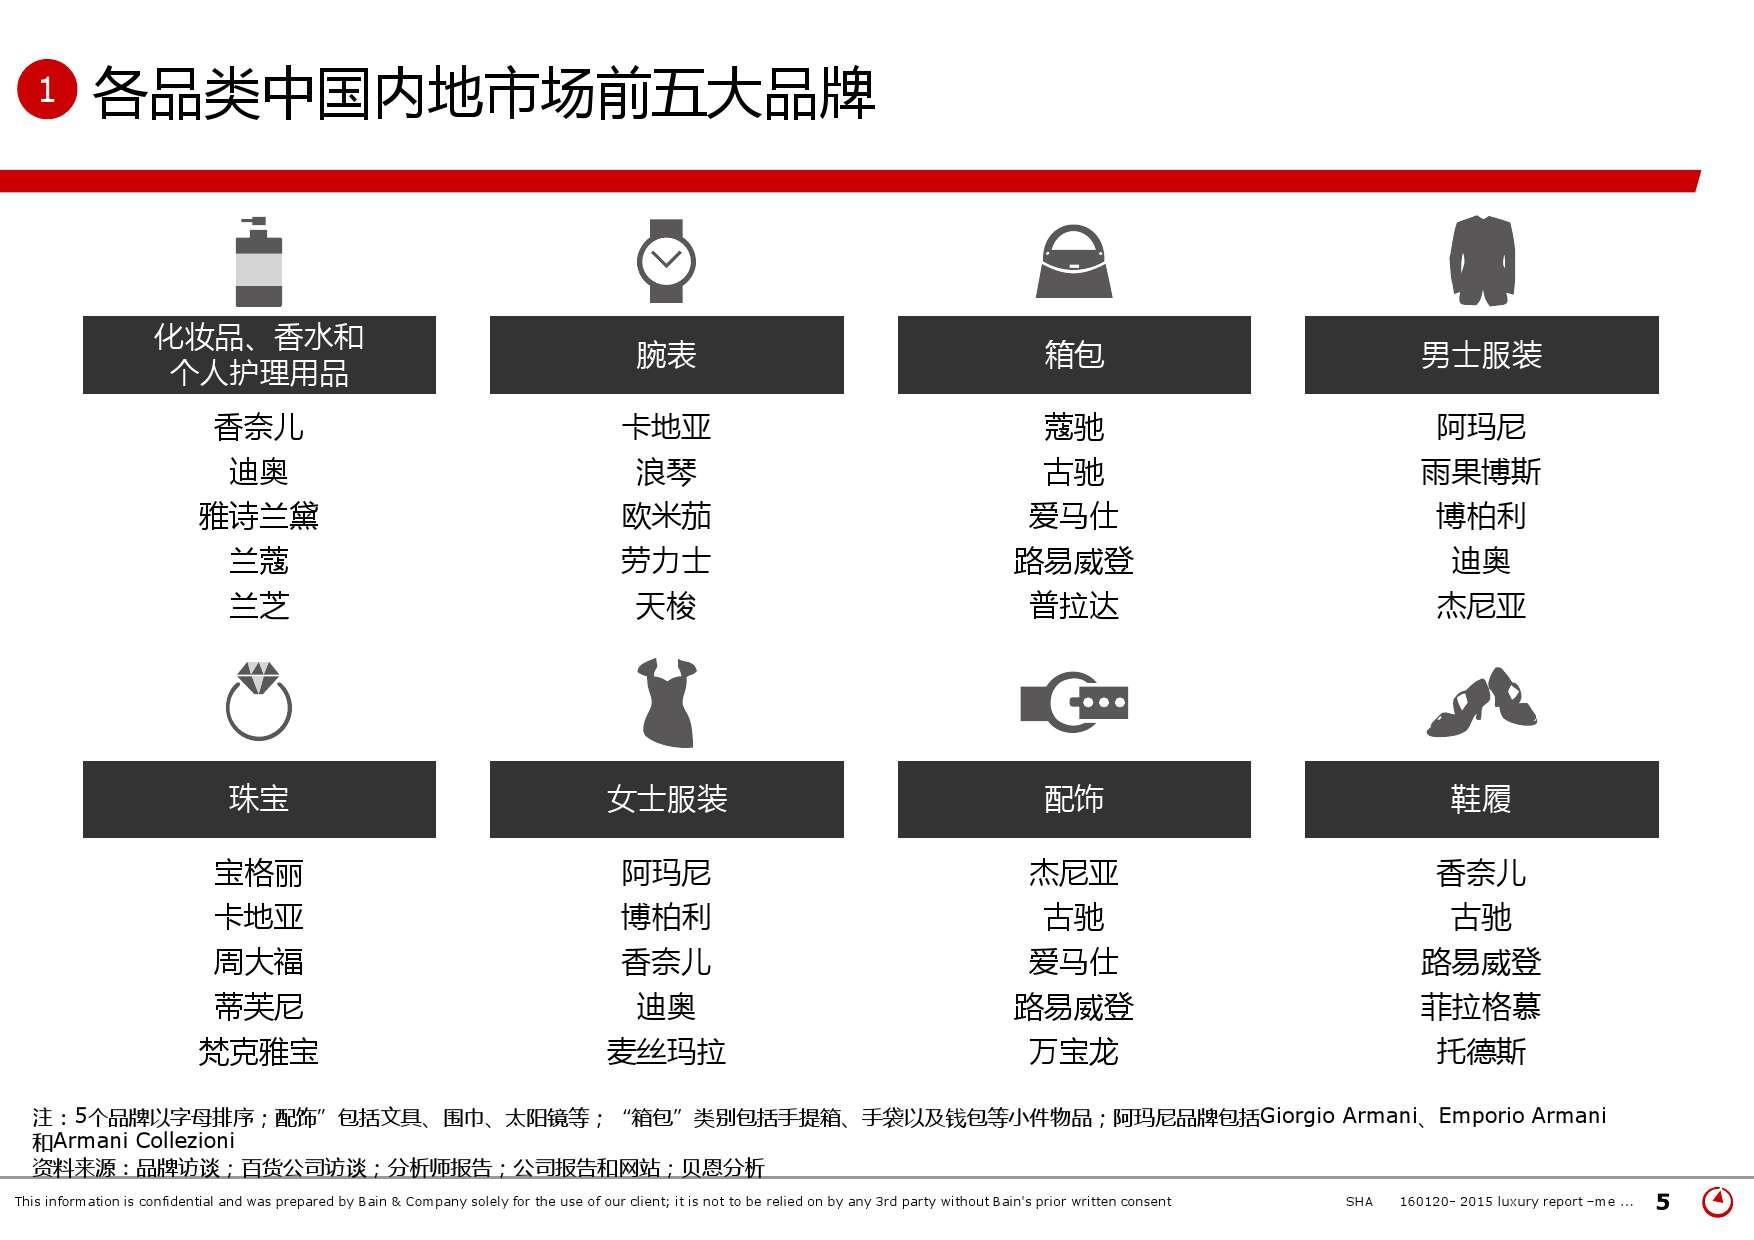 2015年中国奢侈品市场研究报告_000005